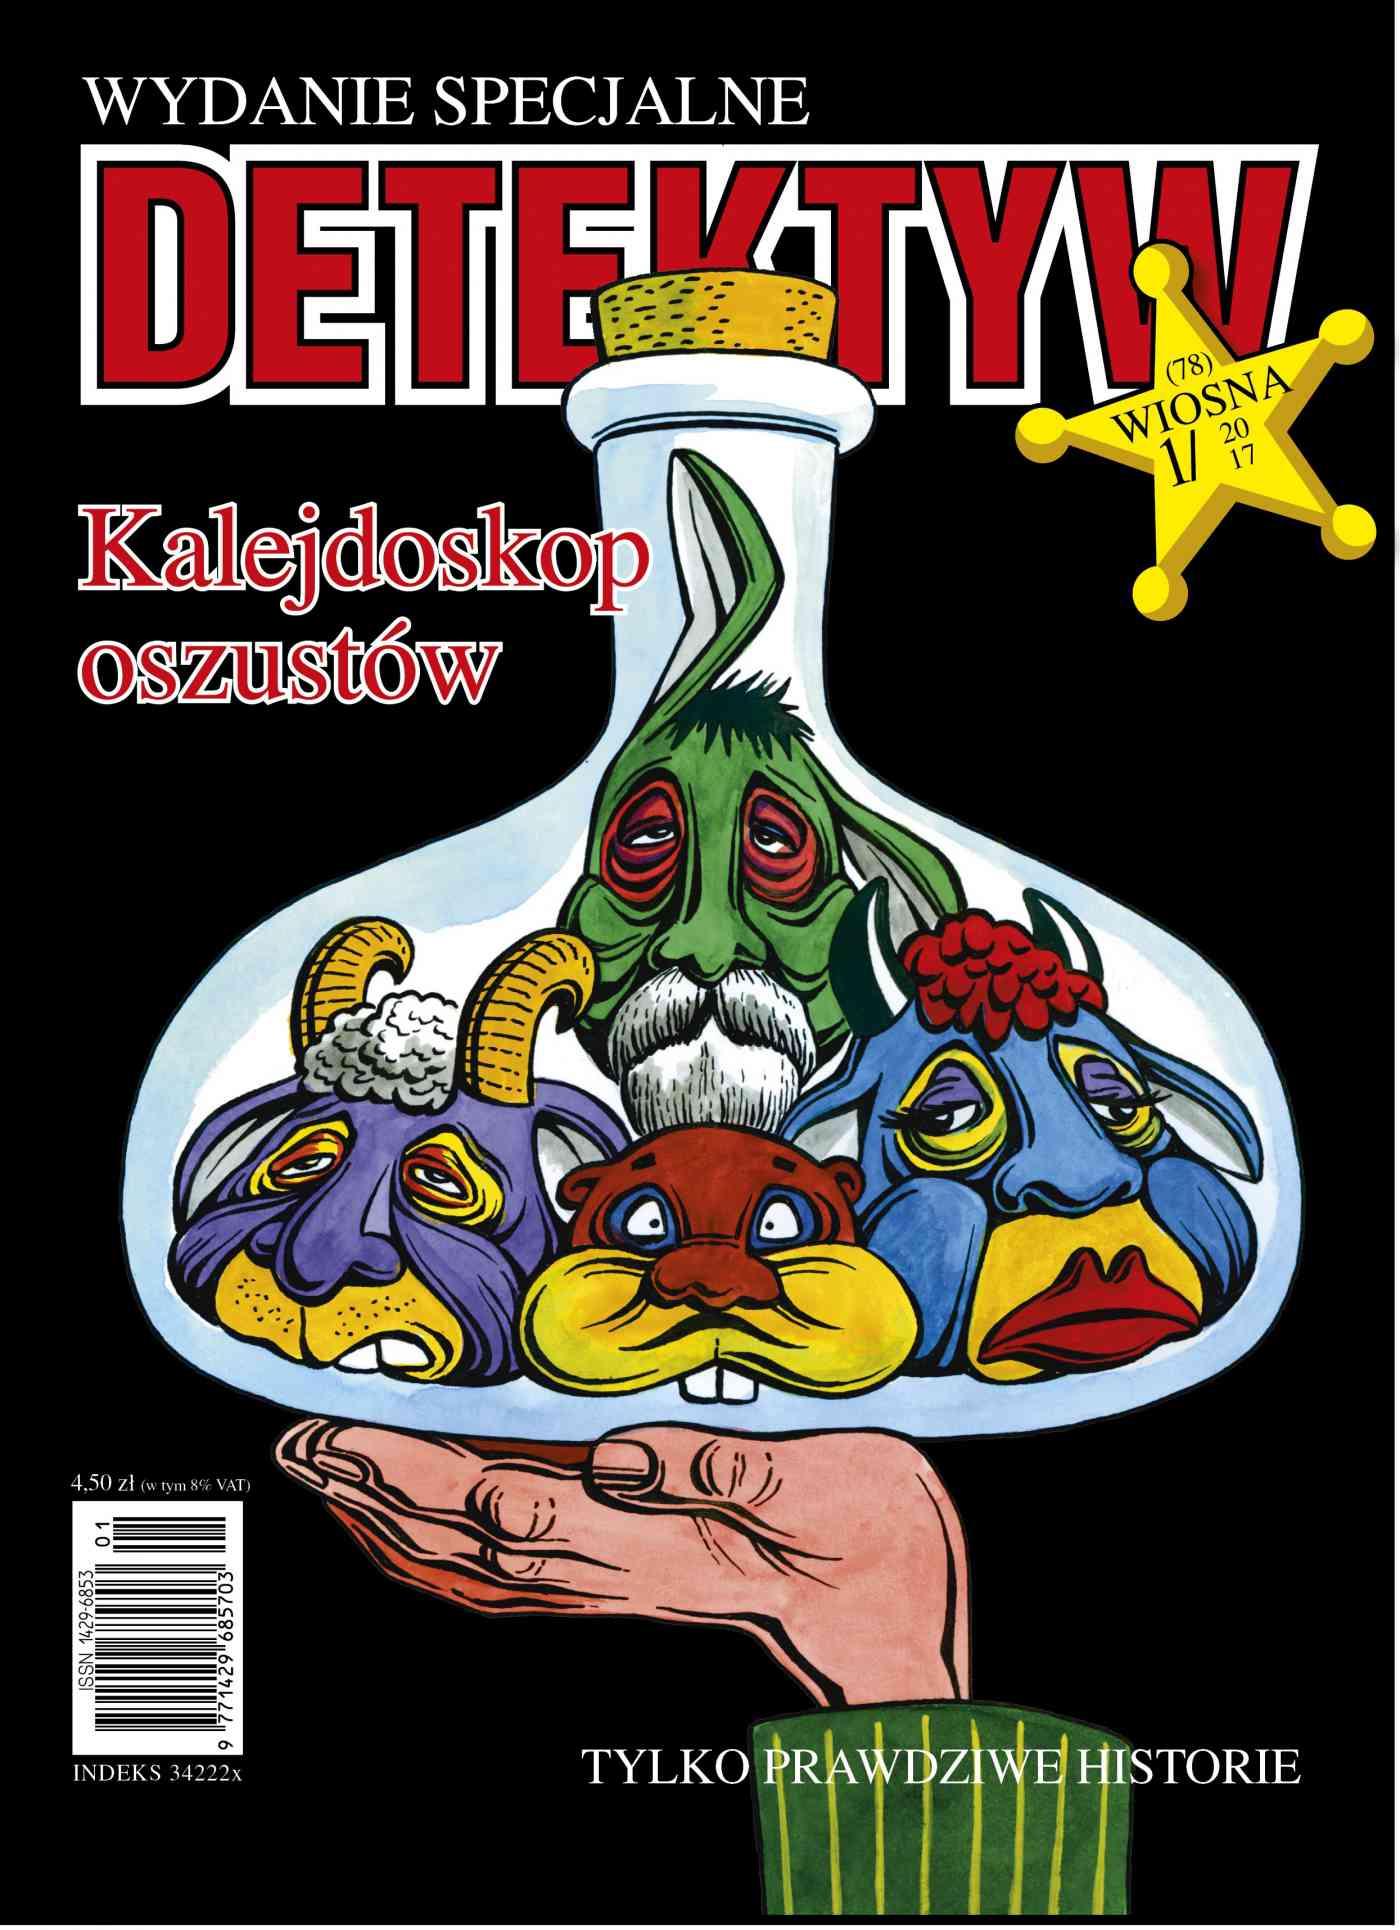 Detektyw - Wydanie Specjalne 1/2017 - Ebook (Książka EPUB) do pobrania w formacie EPUB